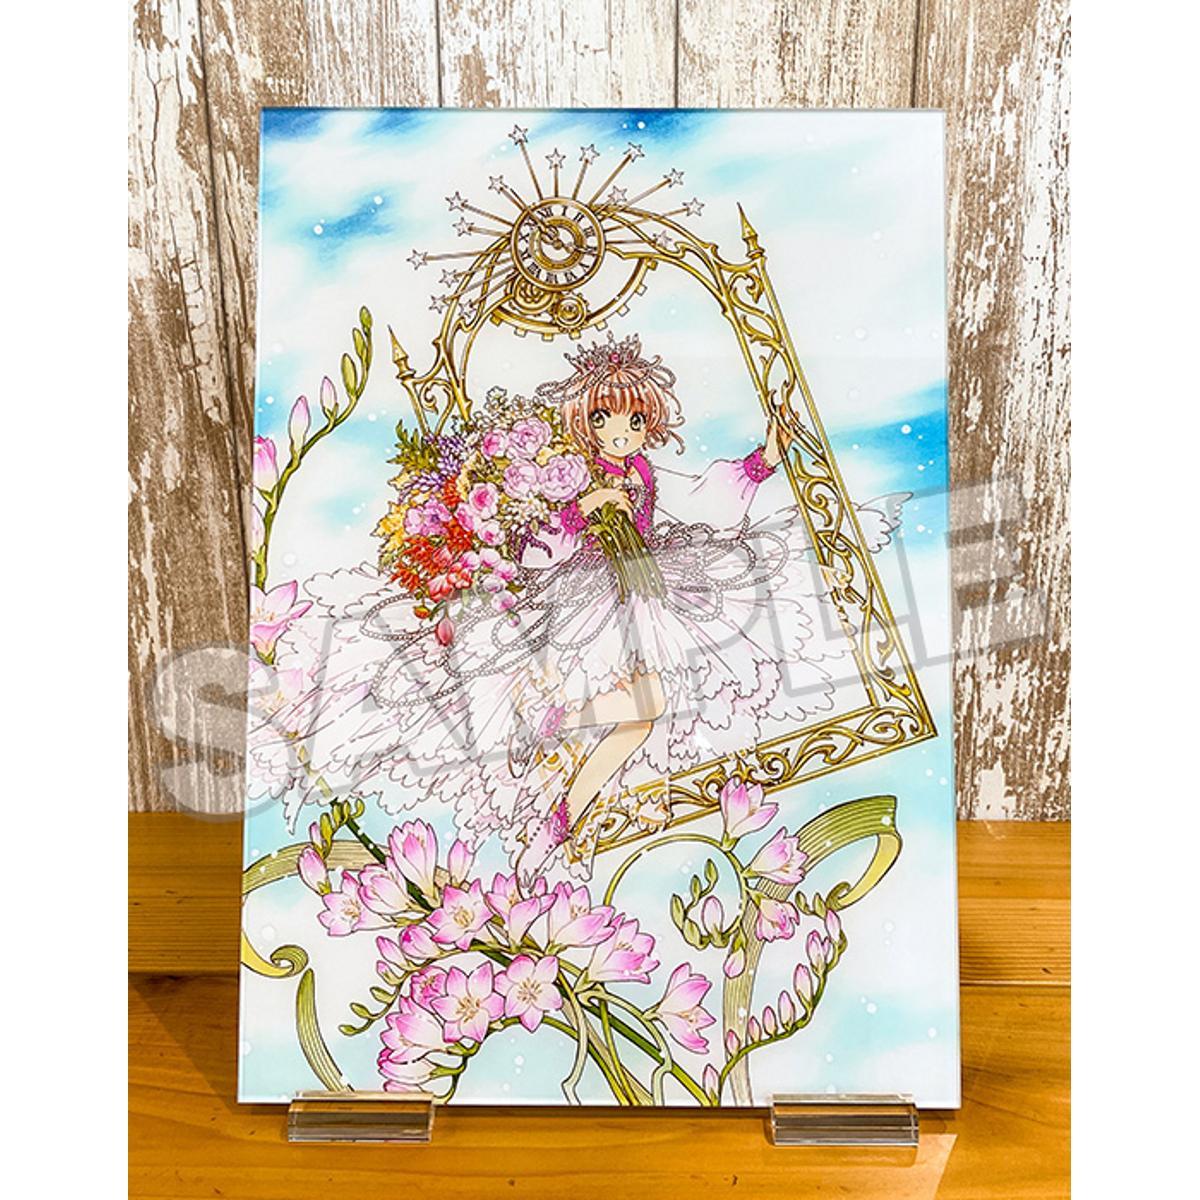 Cardcaptor Sakura: High-Res Acrylic Art (Rerelease)